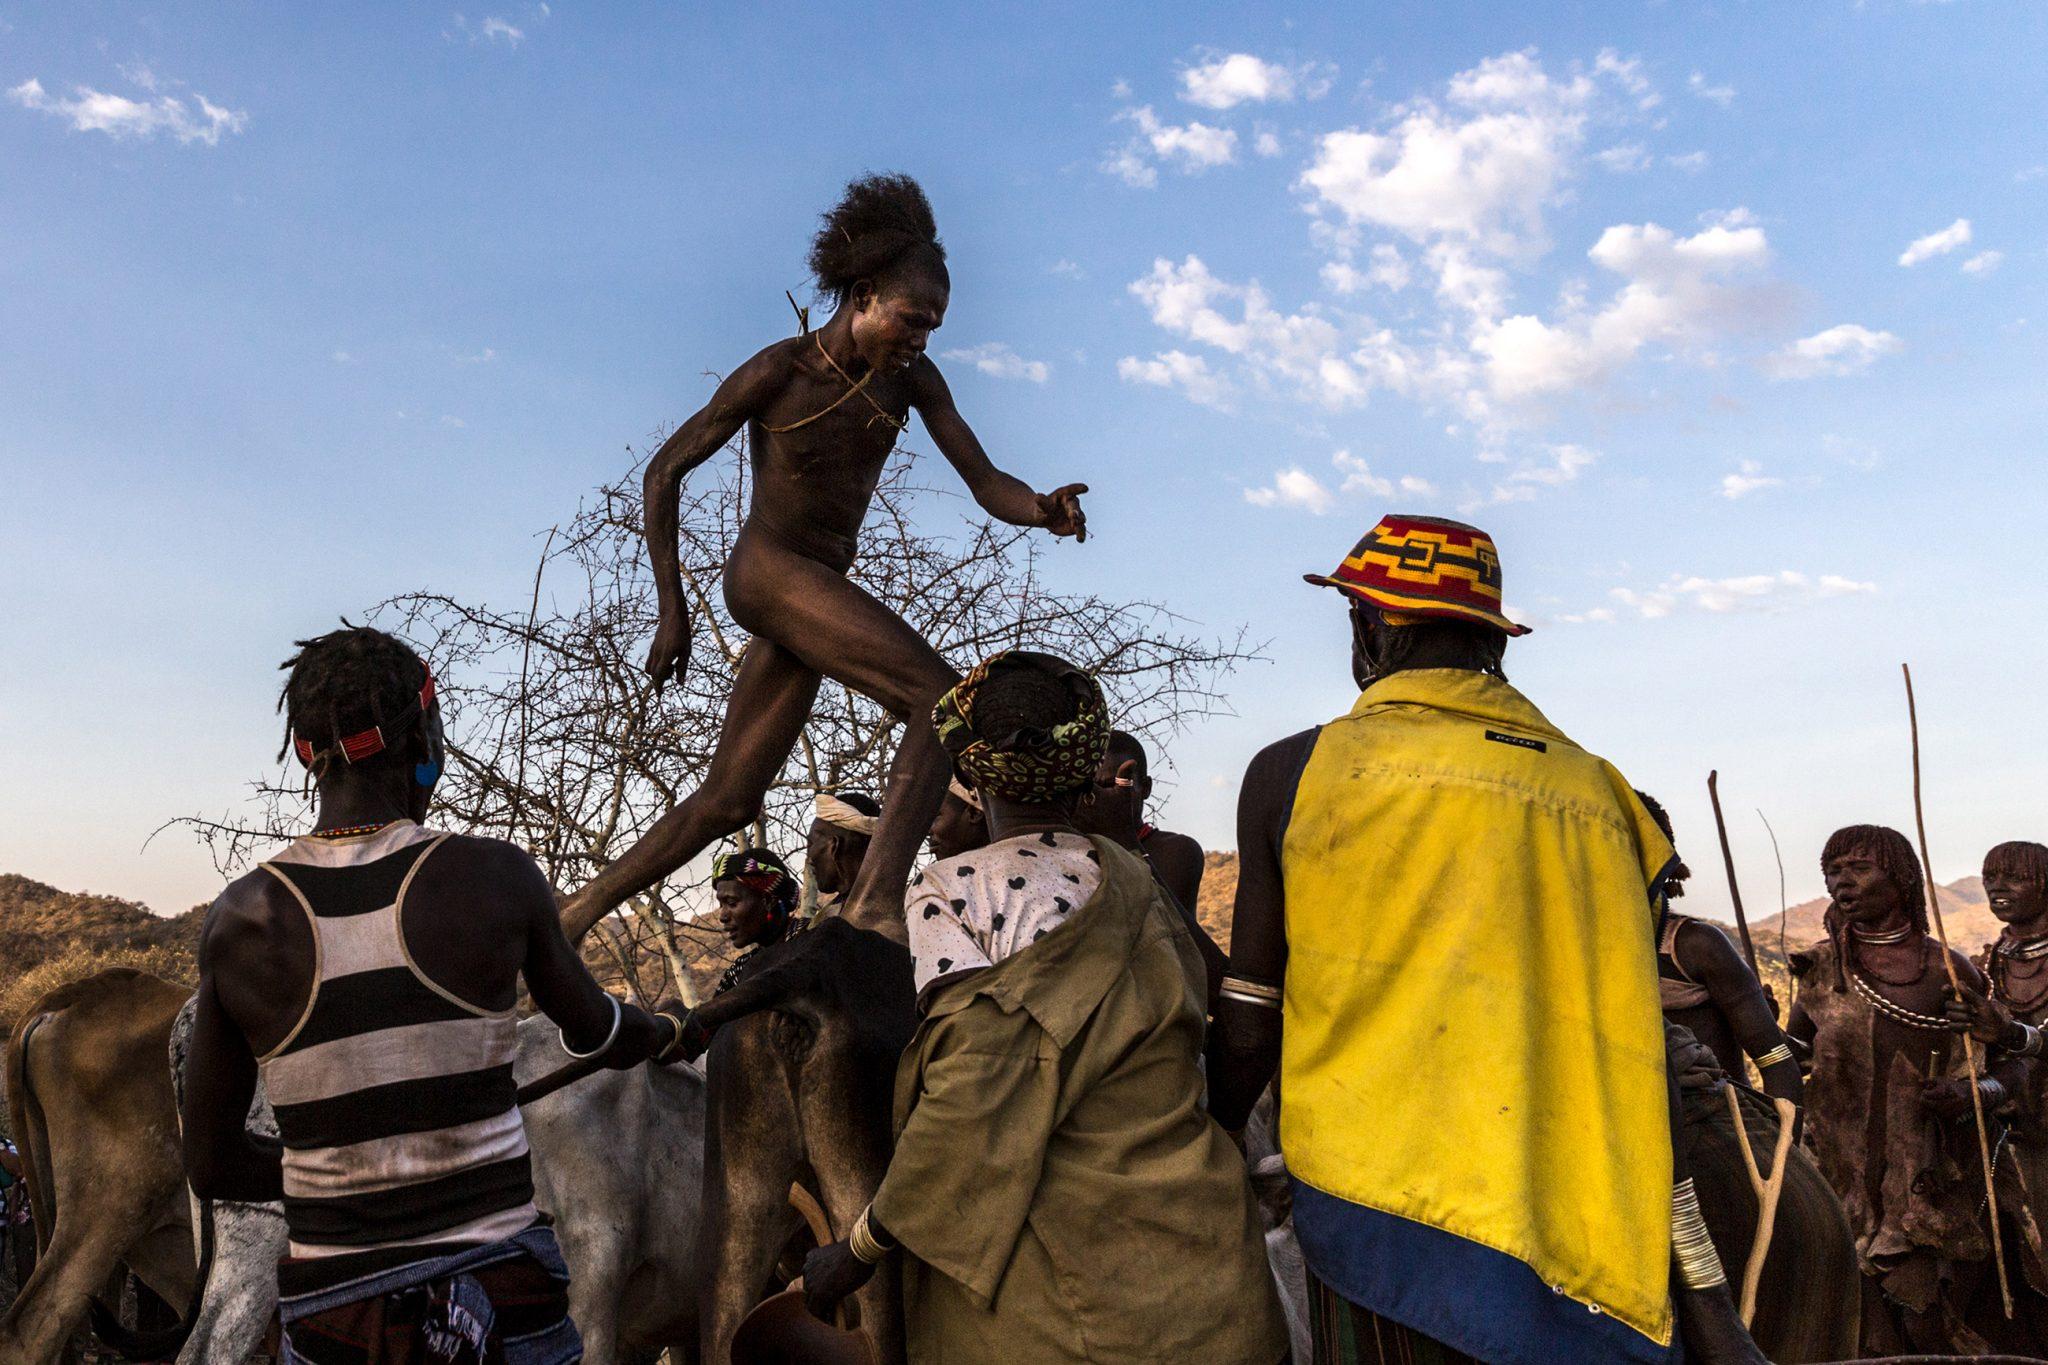 Ethiopia Omo Valley Etiopía Bull Jumping Salto del Toro Hamer Southern Nations Hamar Äthiopien Der Sprung über die Rinder